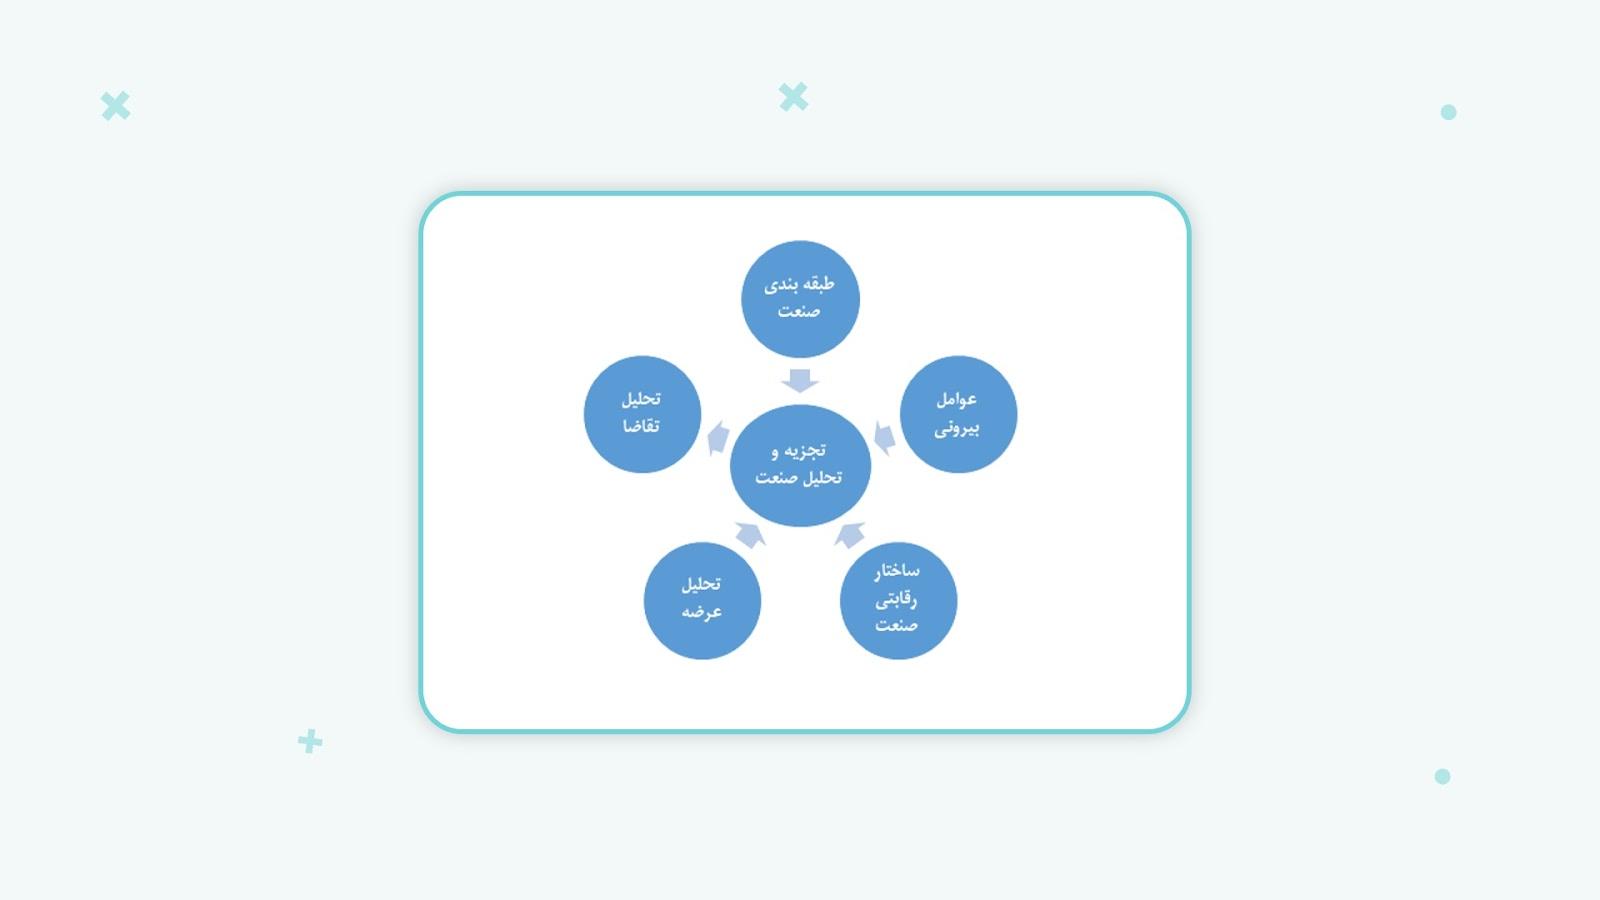 نگاهی به روشهای مختلف طبقهبندی و تحلیل صنعت